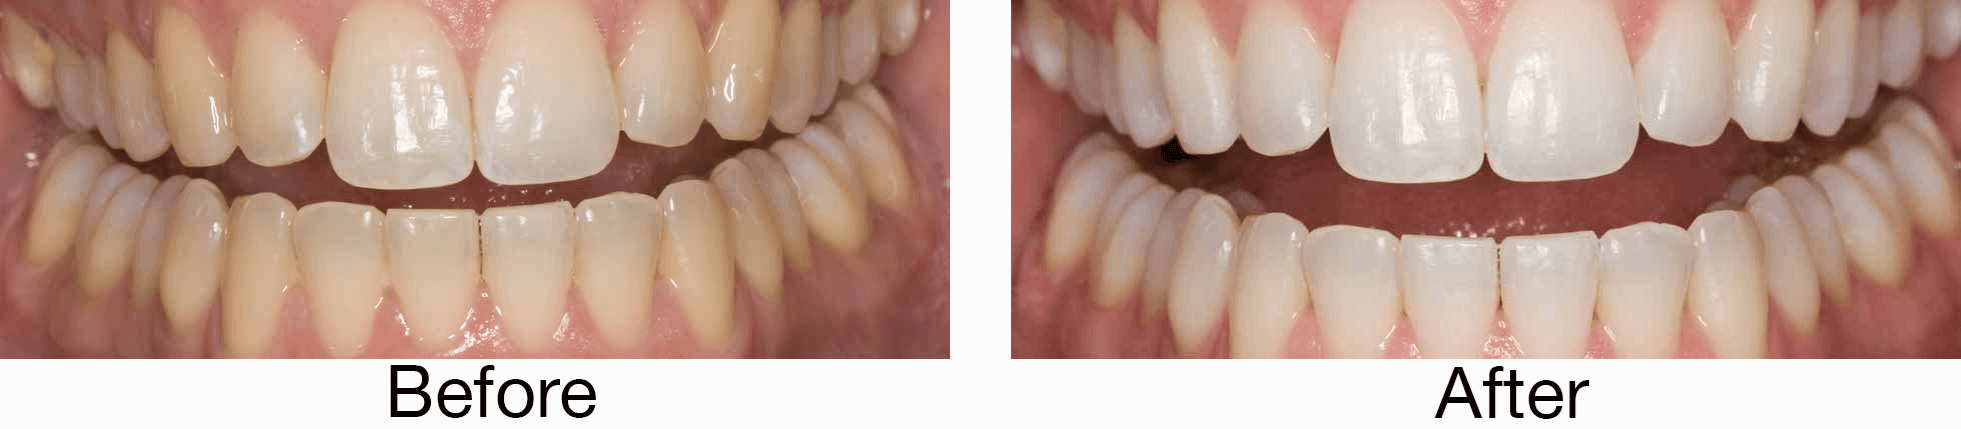 Opalescence Teeth Whitening In Las Vegas Nv